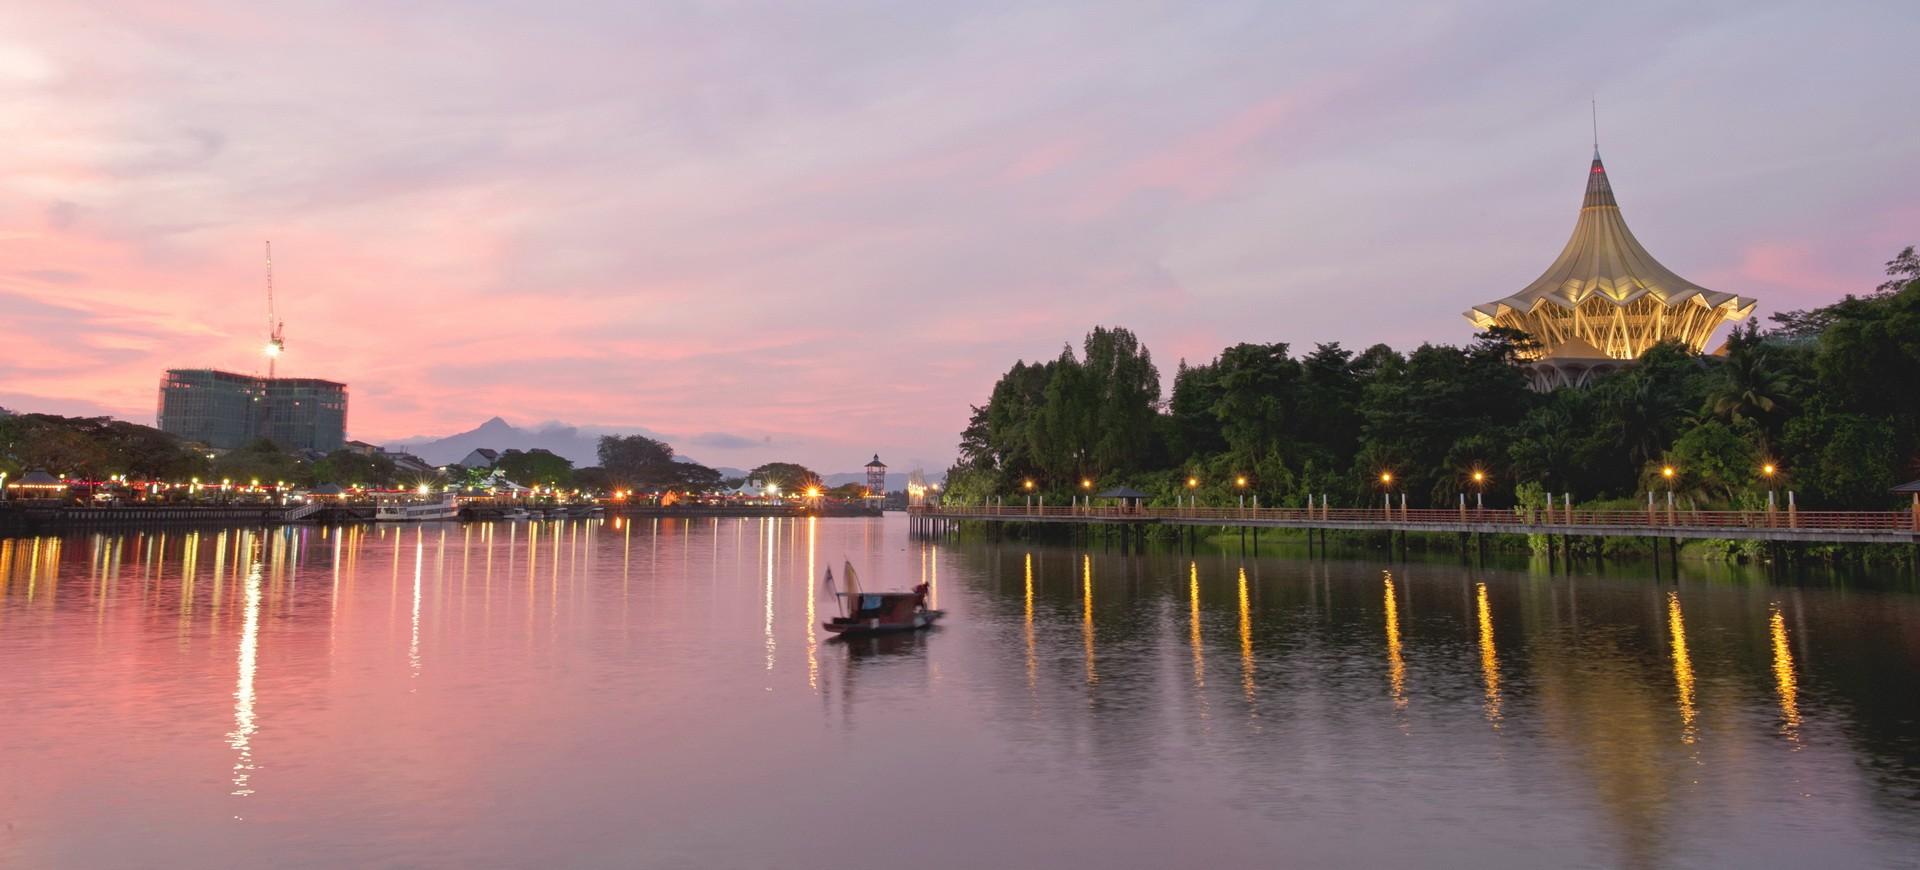 Malaisie Sarawak Front de Mer au coucher du soleil